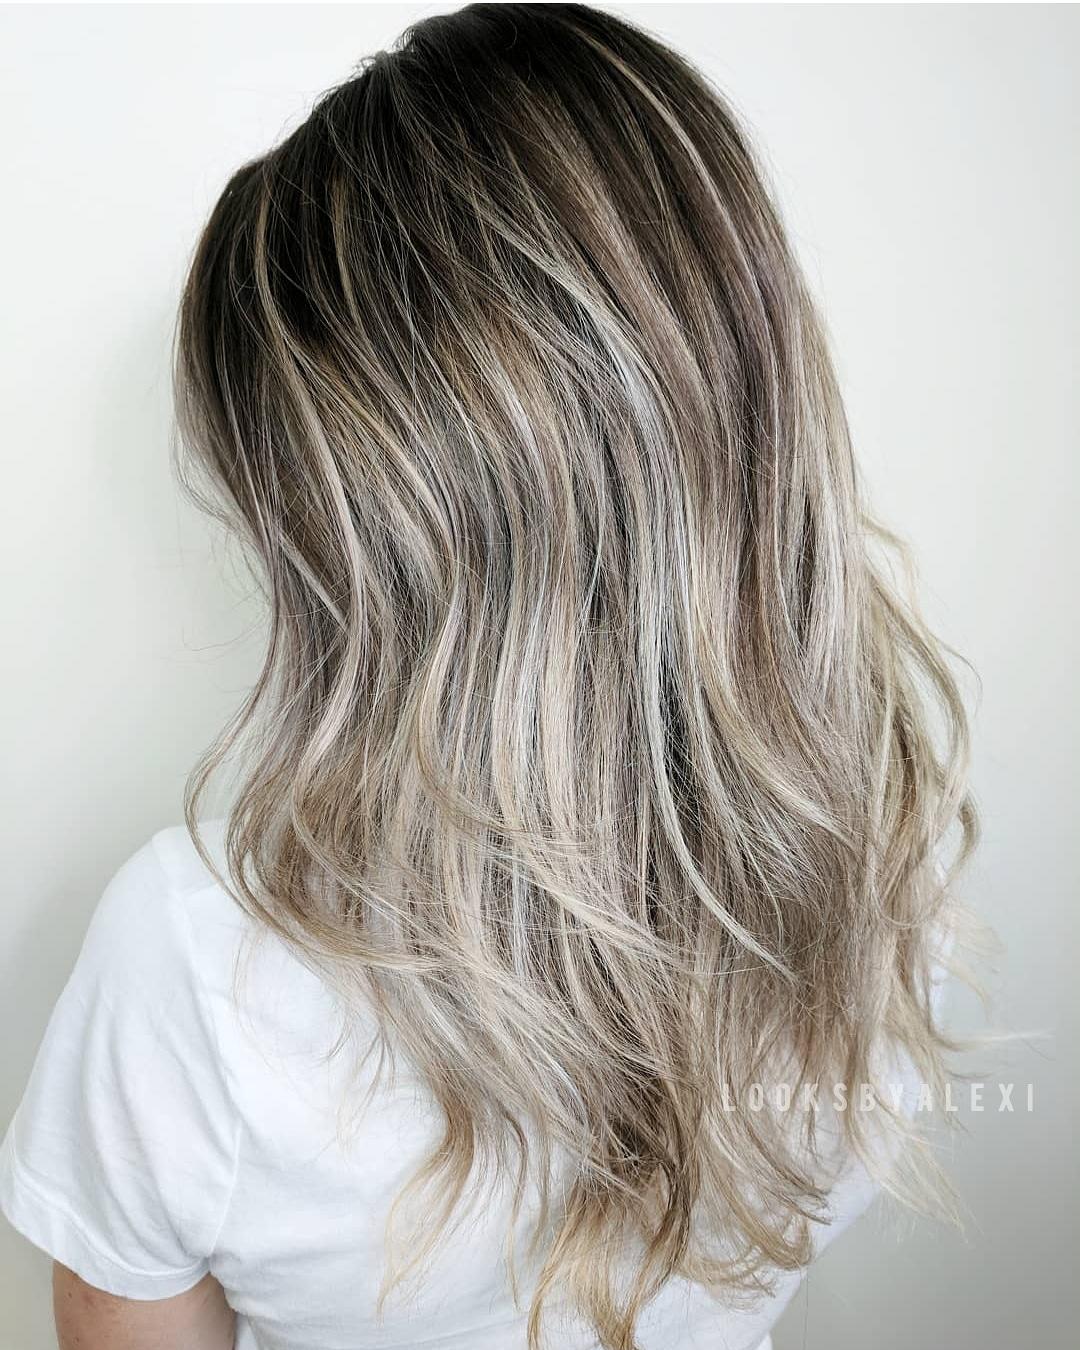 Alexi Hair 5.jpg